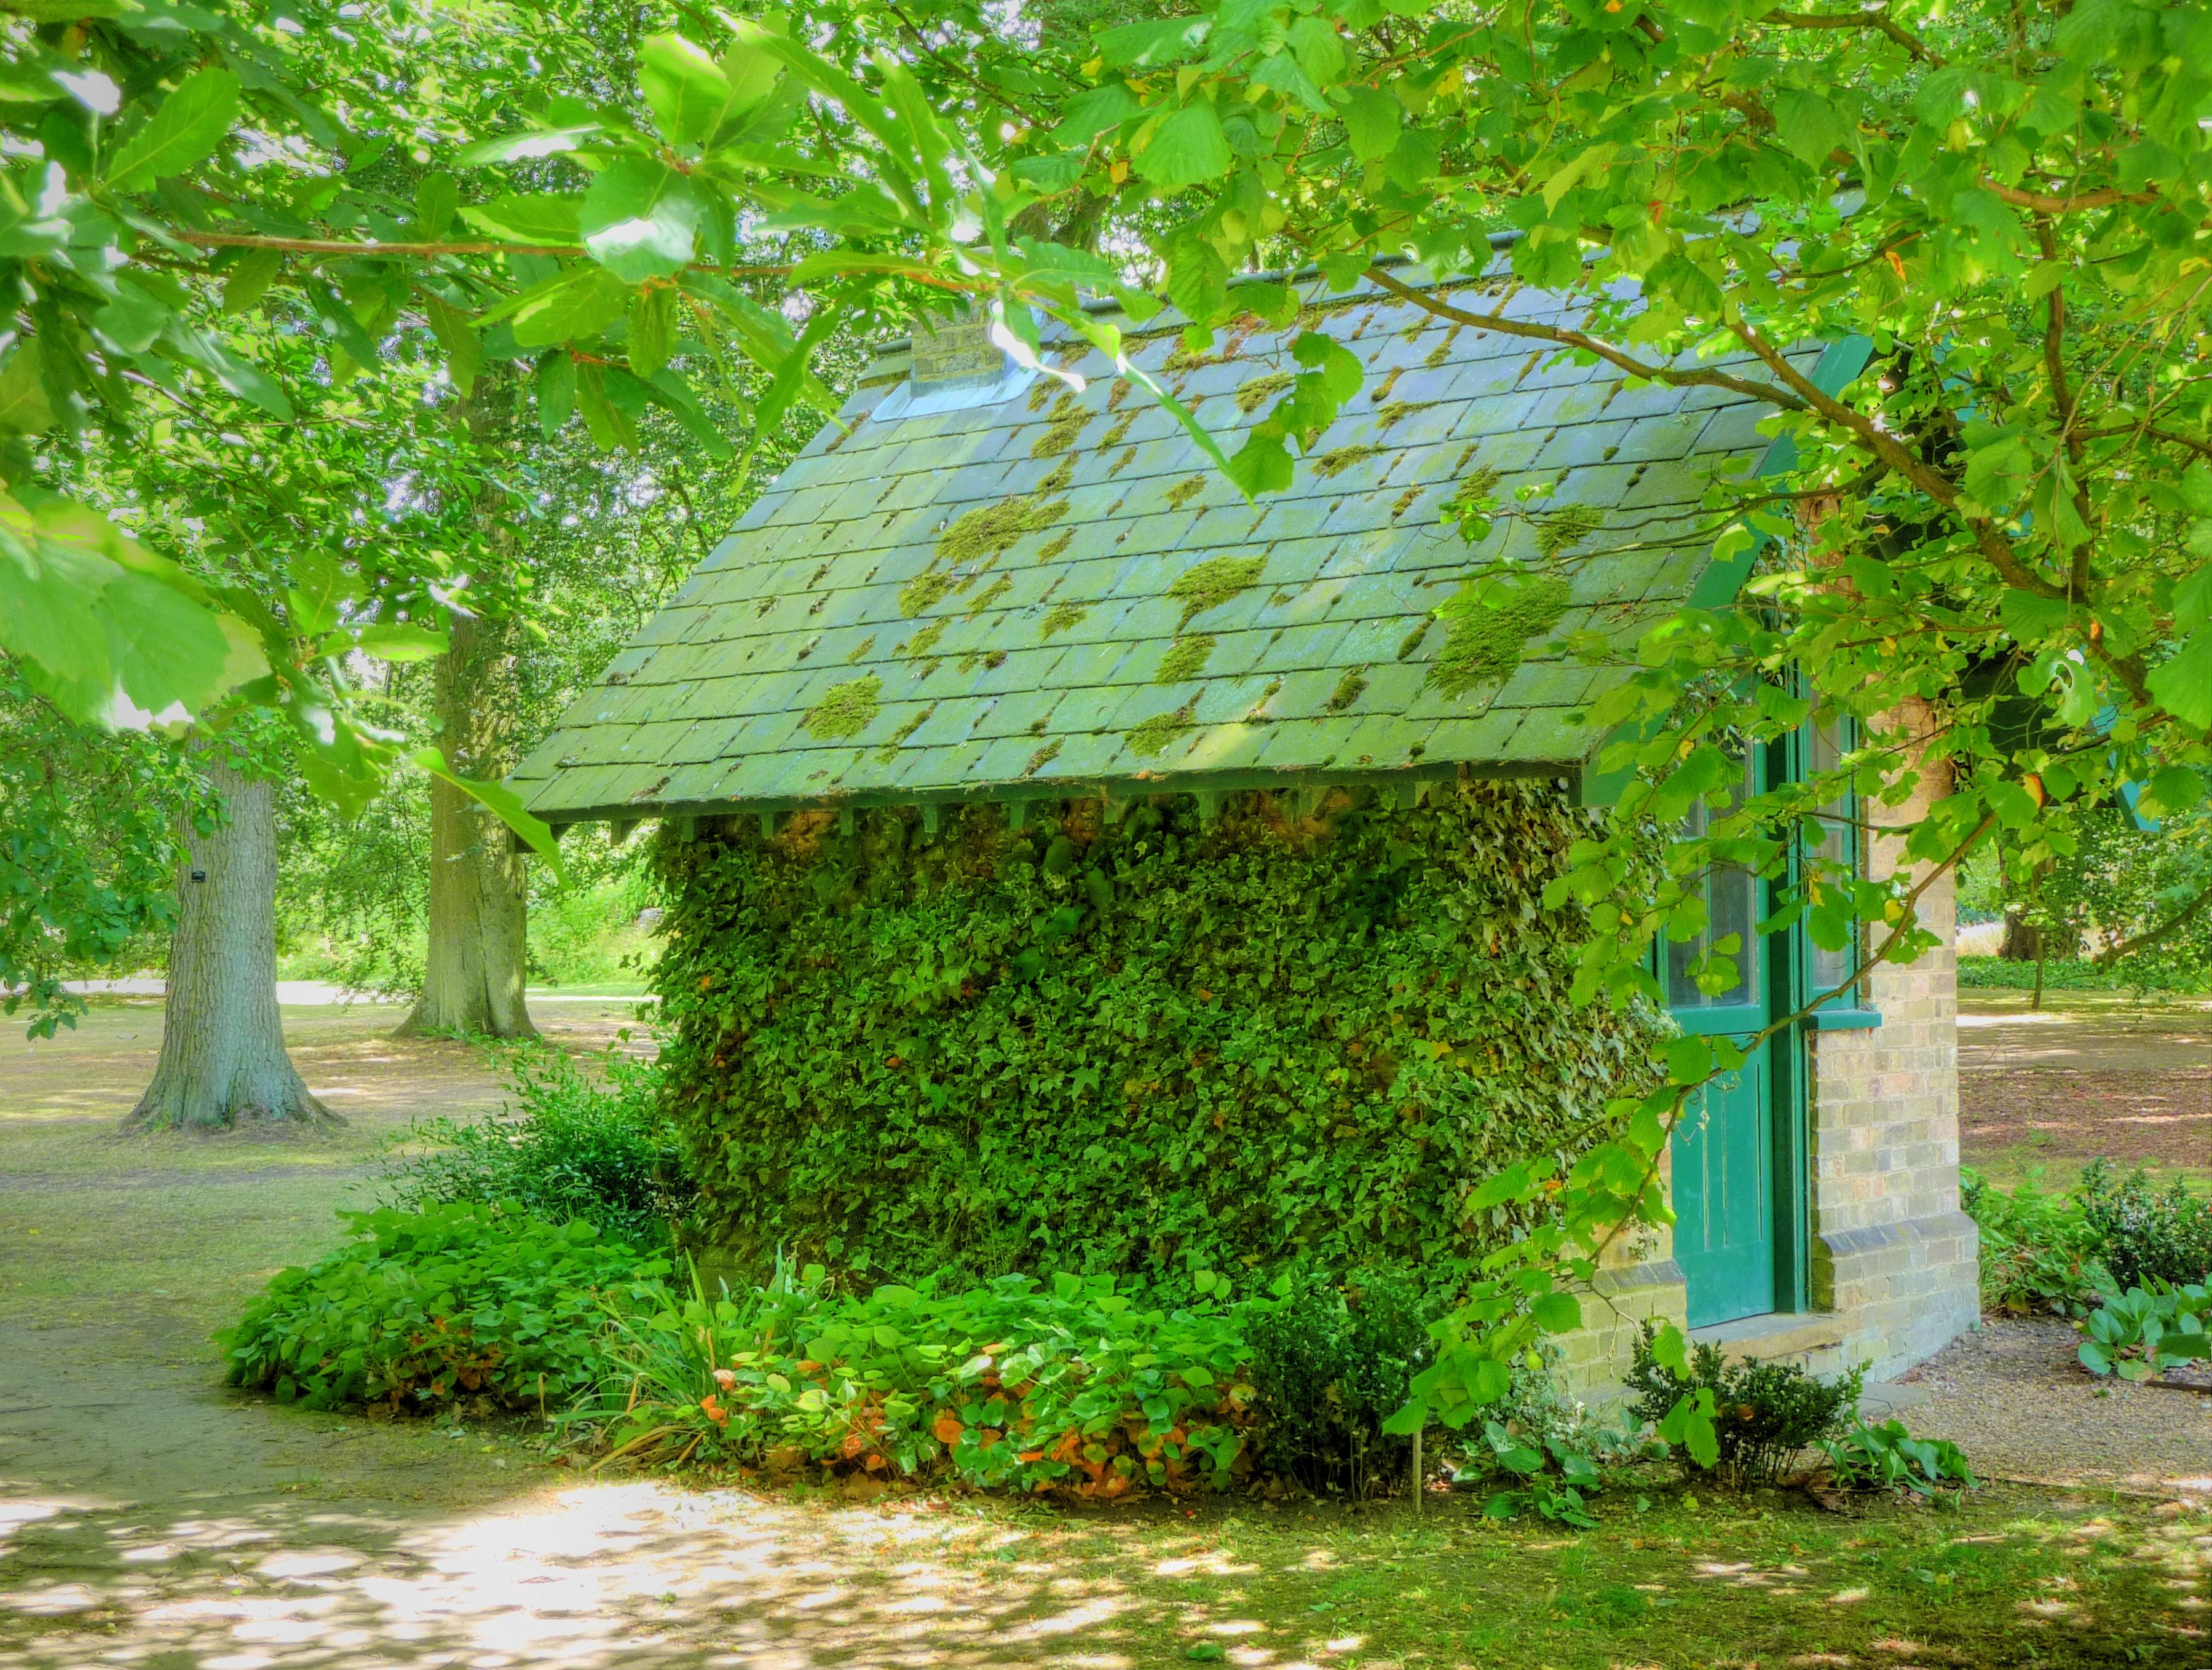 temporalata witch hut 1, flickr